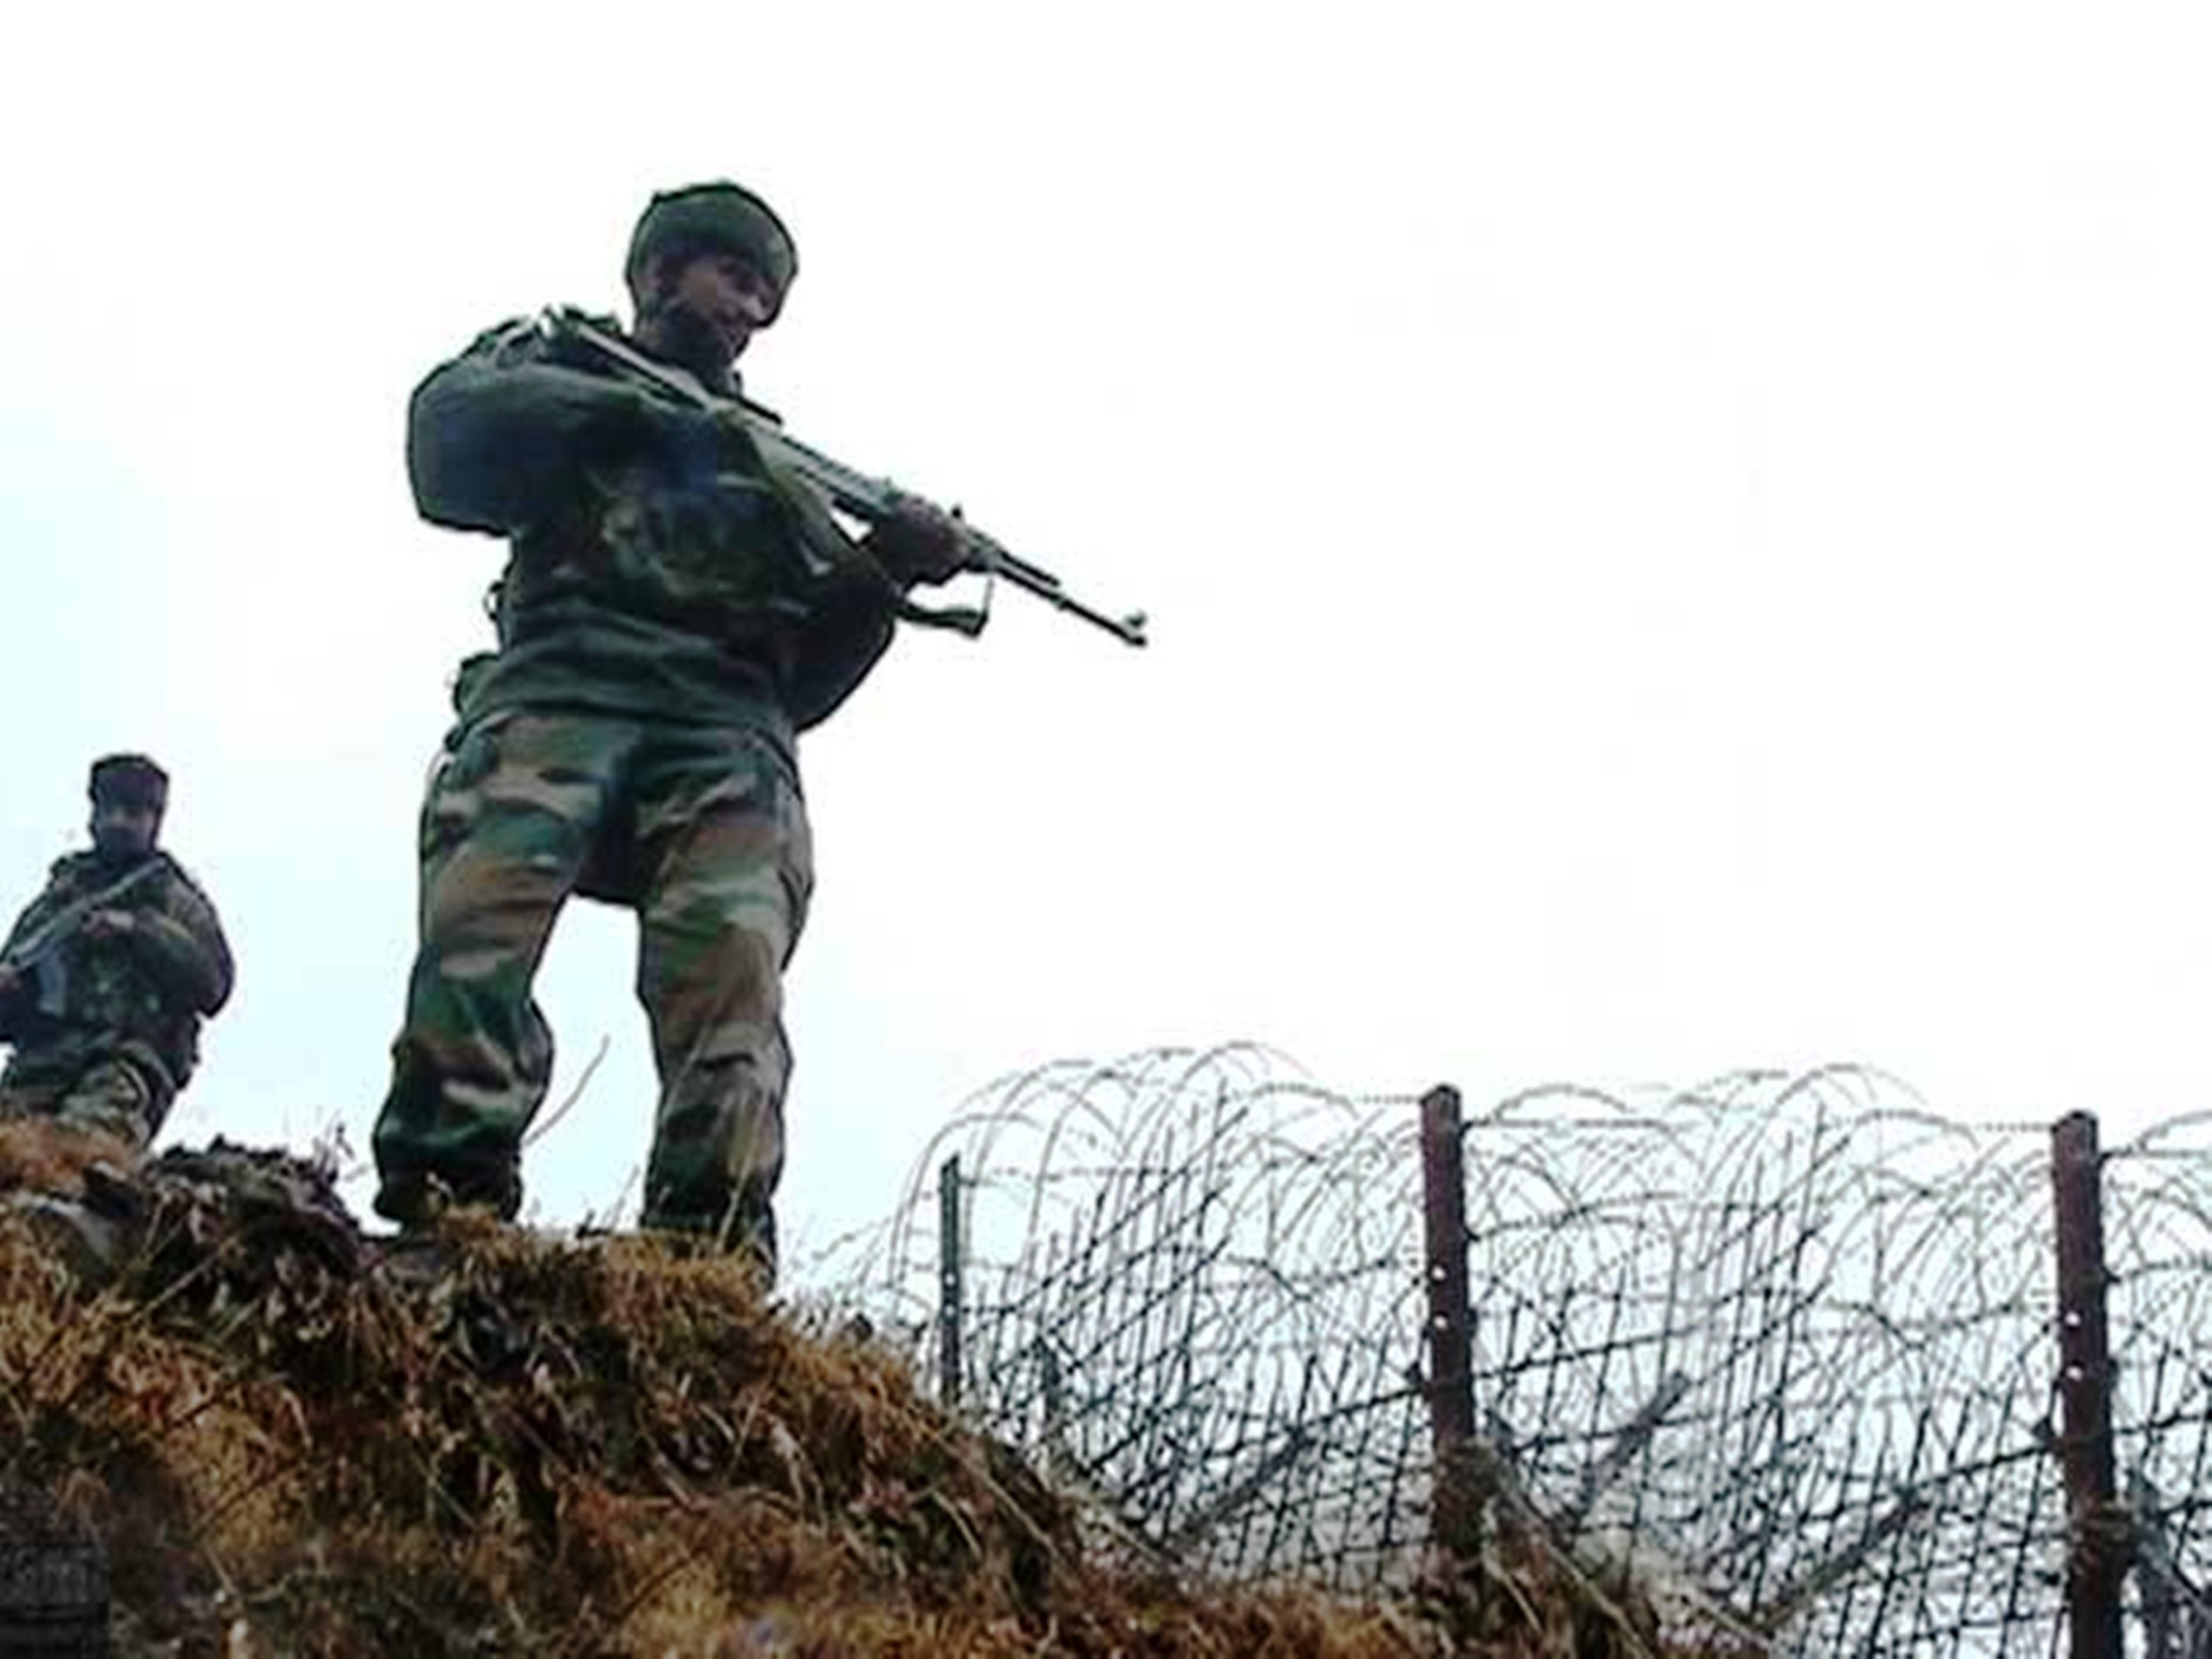 आईआईटी की मिस्टर इंडिया पार्ट टू, लॉन्च, अदूश्य होकर दुश्मनों को खत्म करेंगे जवान